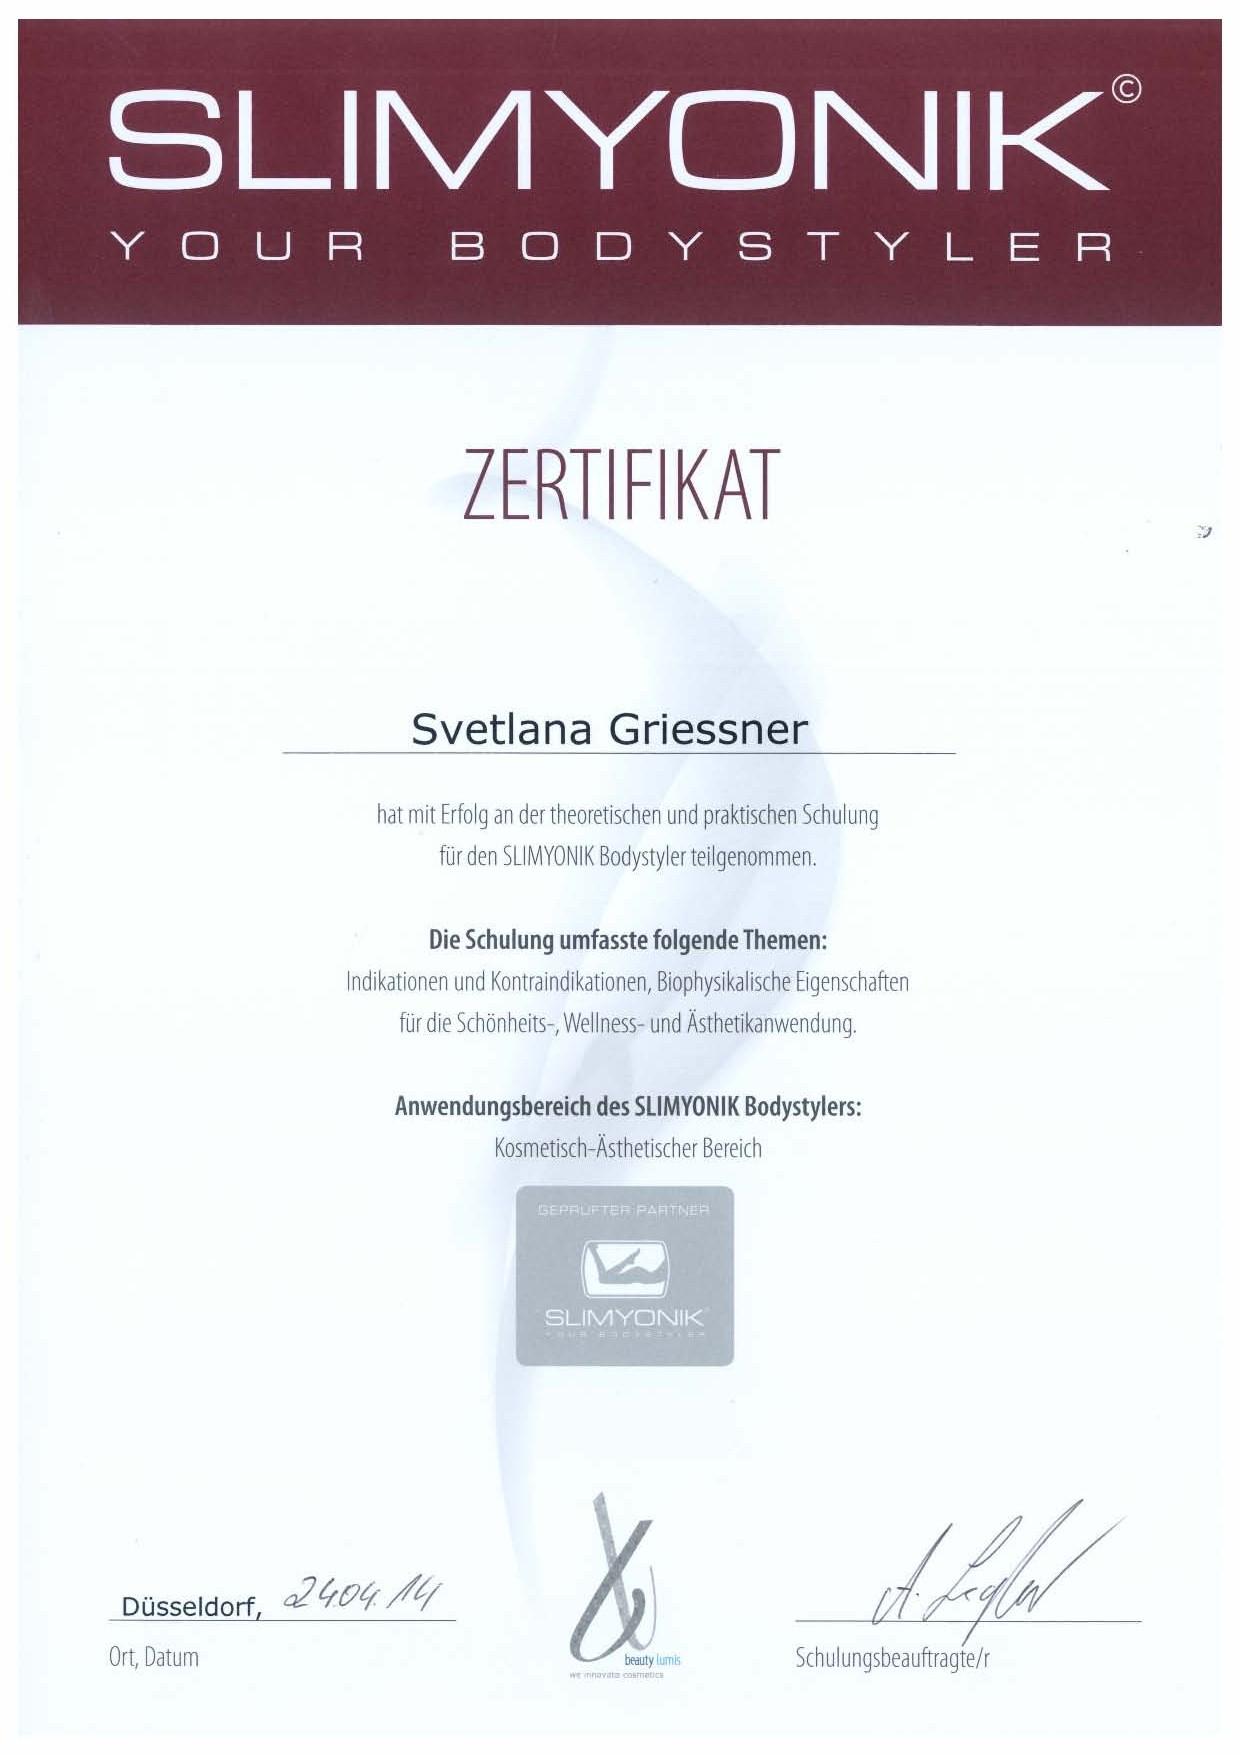 SLIMYONIK Zertifikat